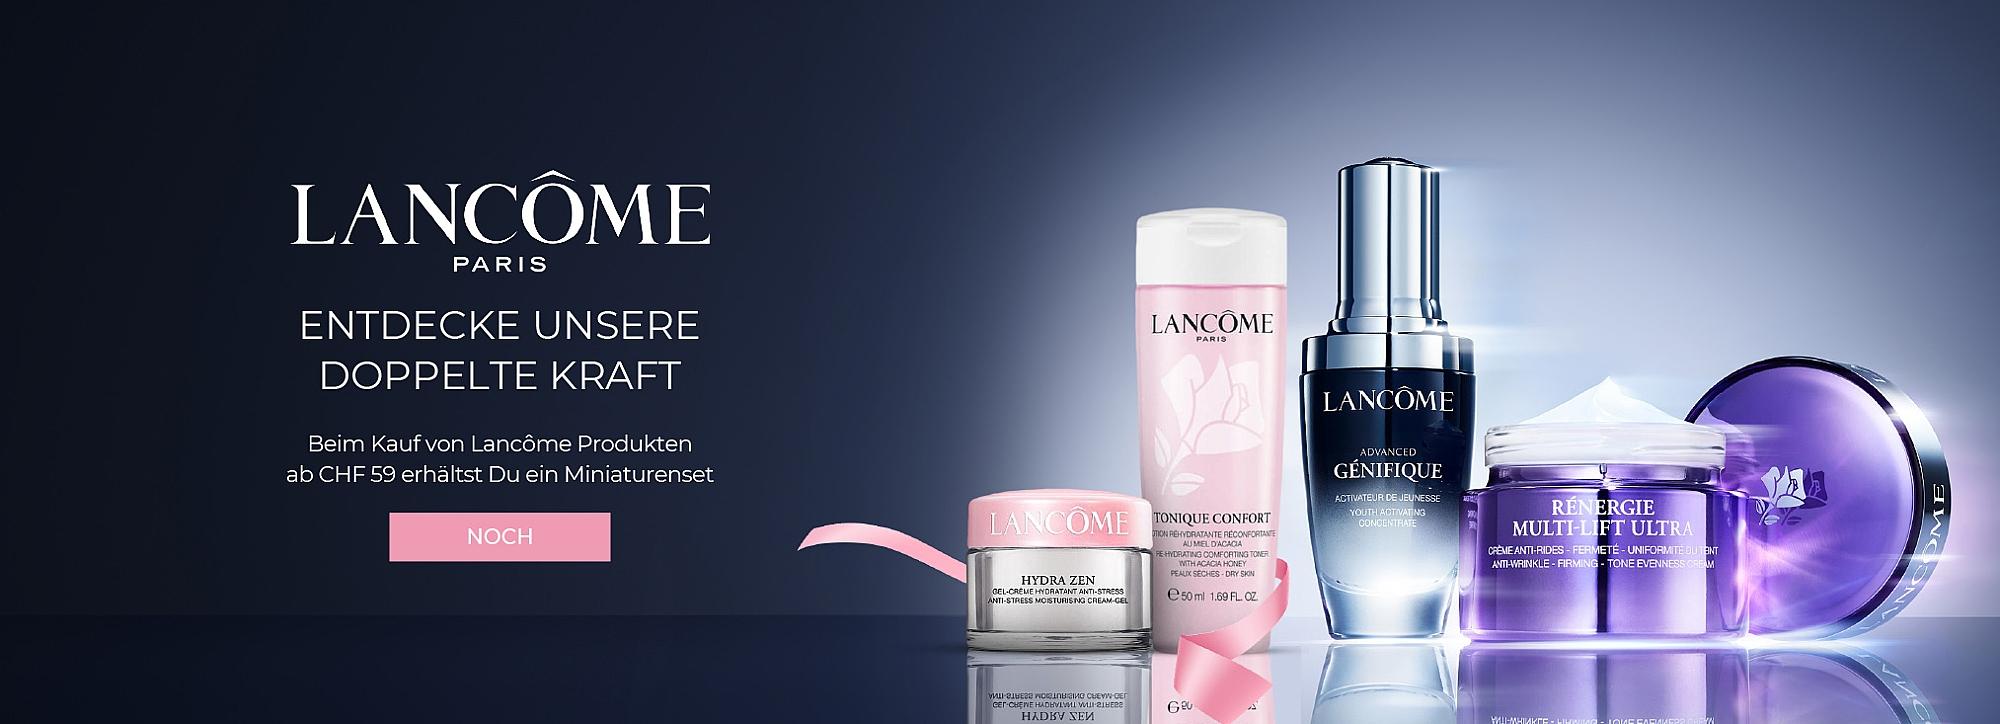 Lancôme_face